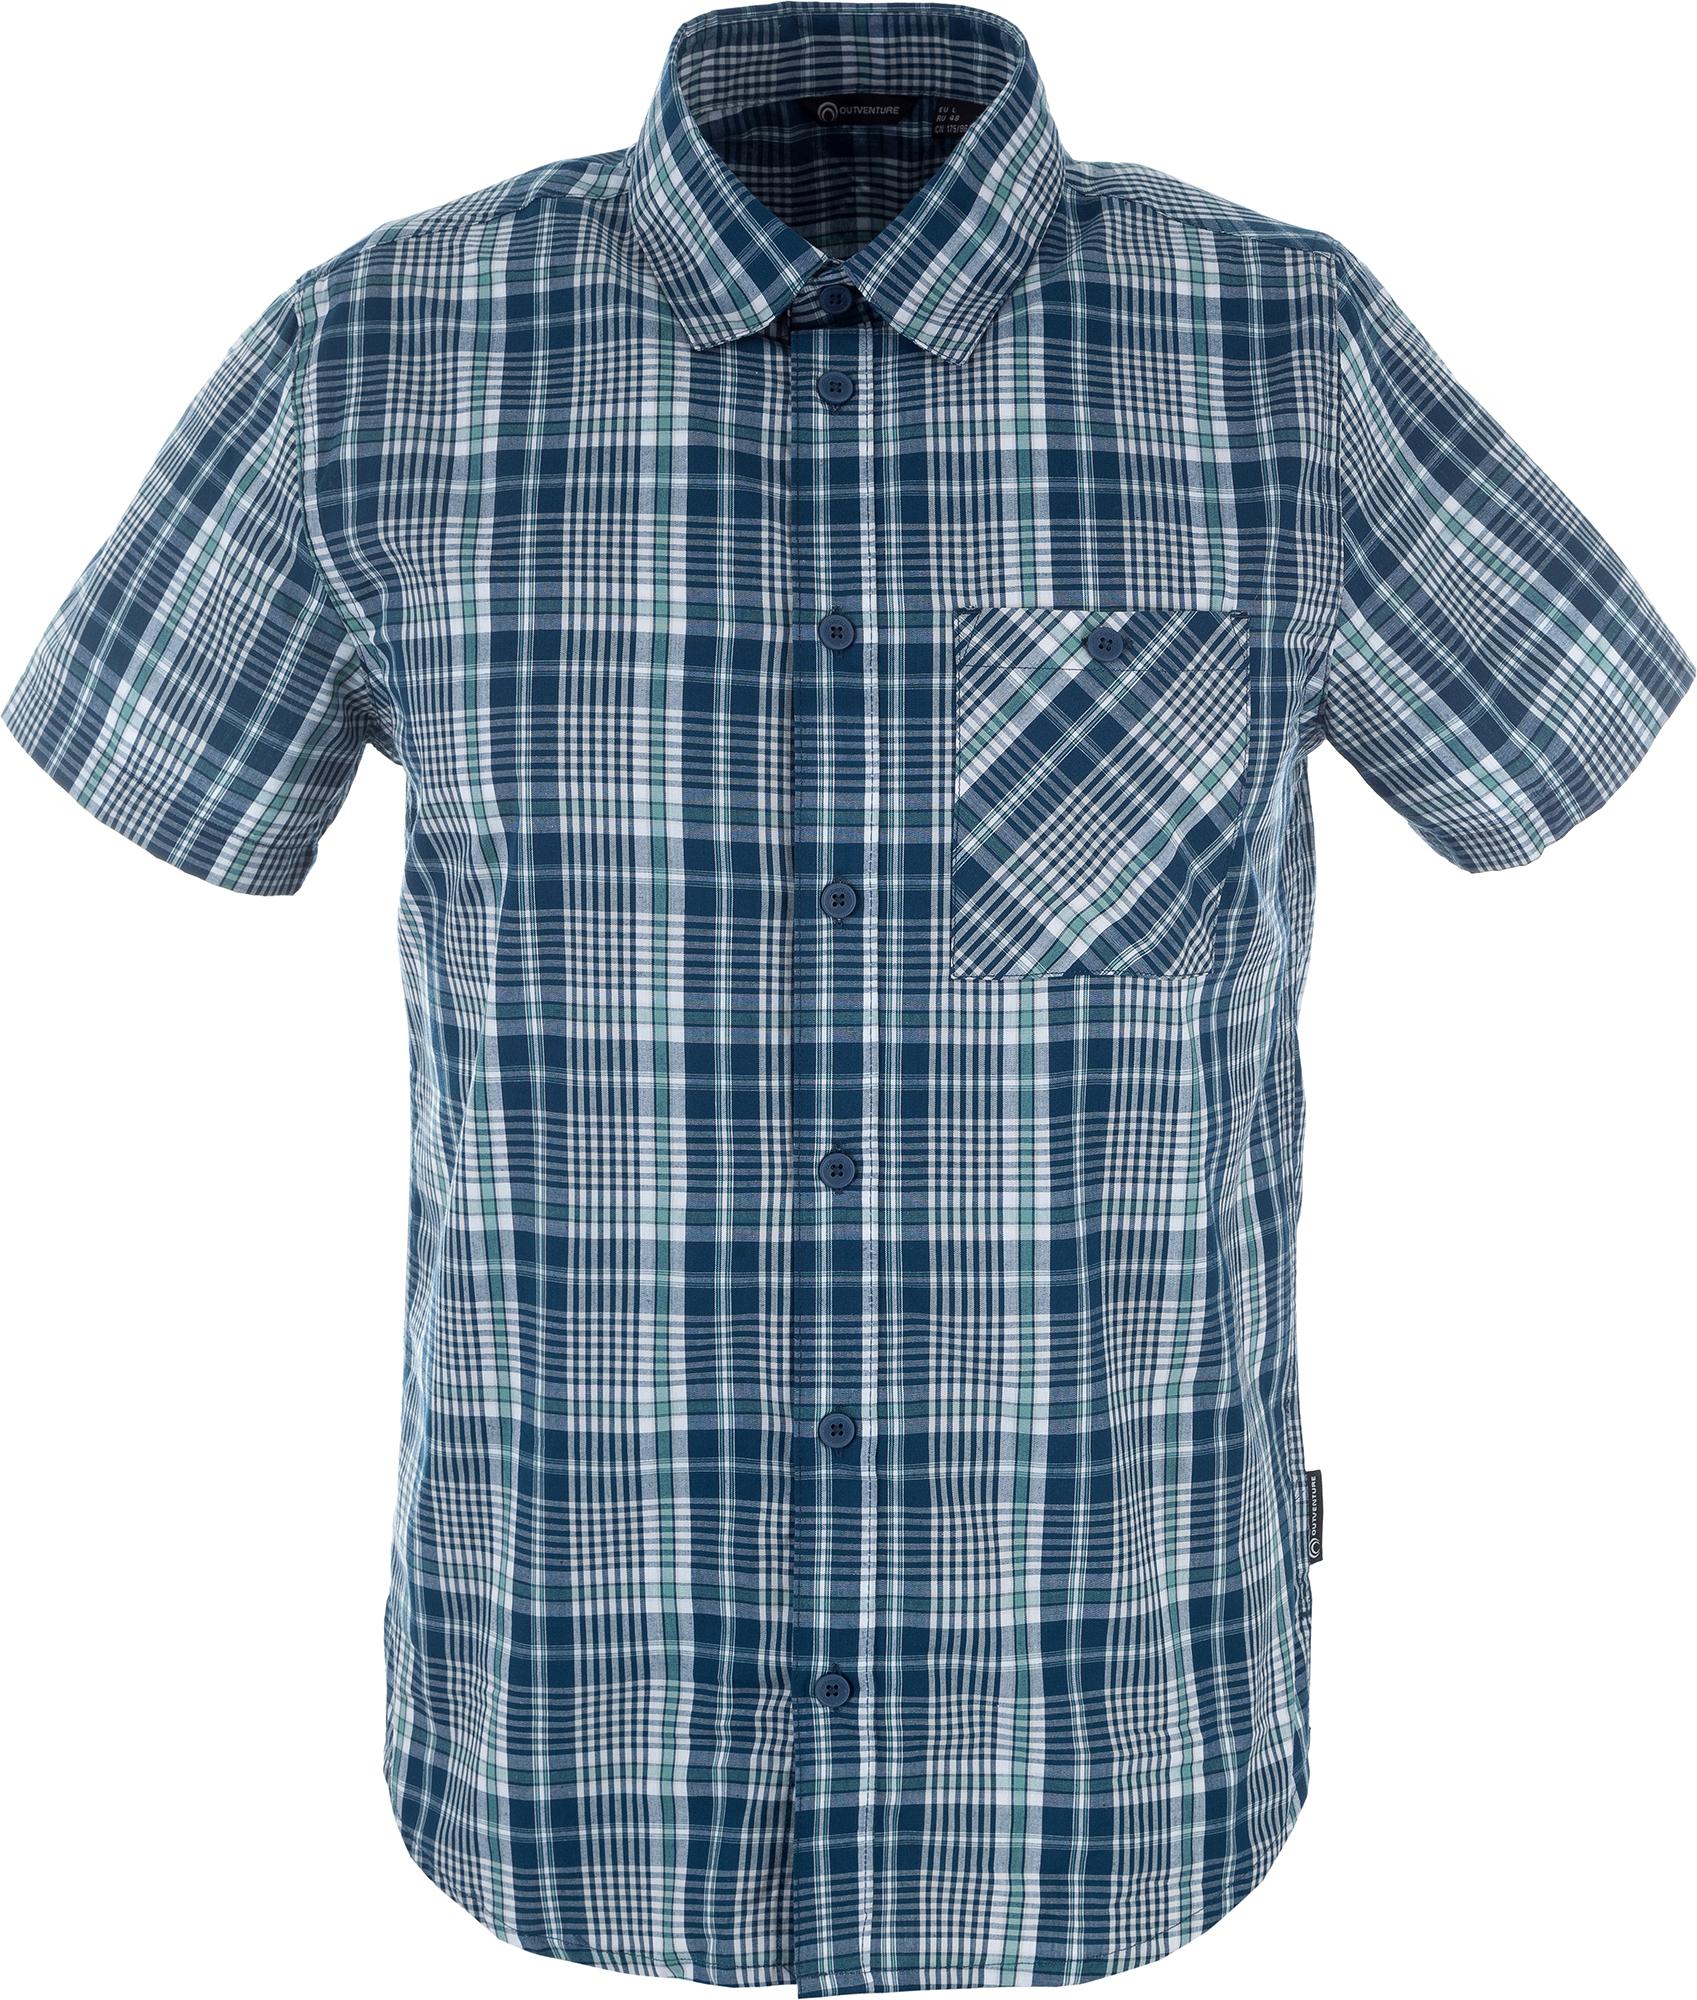 цена Outventure Рубашка мужская Outventure, размер 56 онлайн в 2017 году